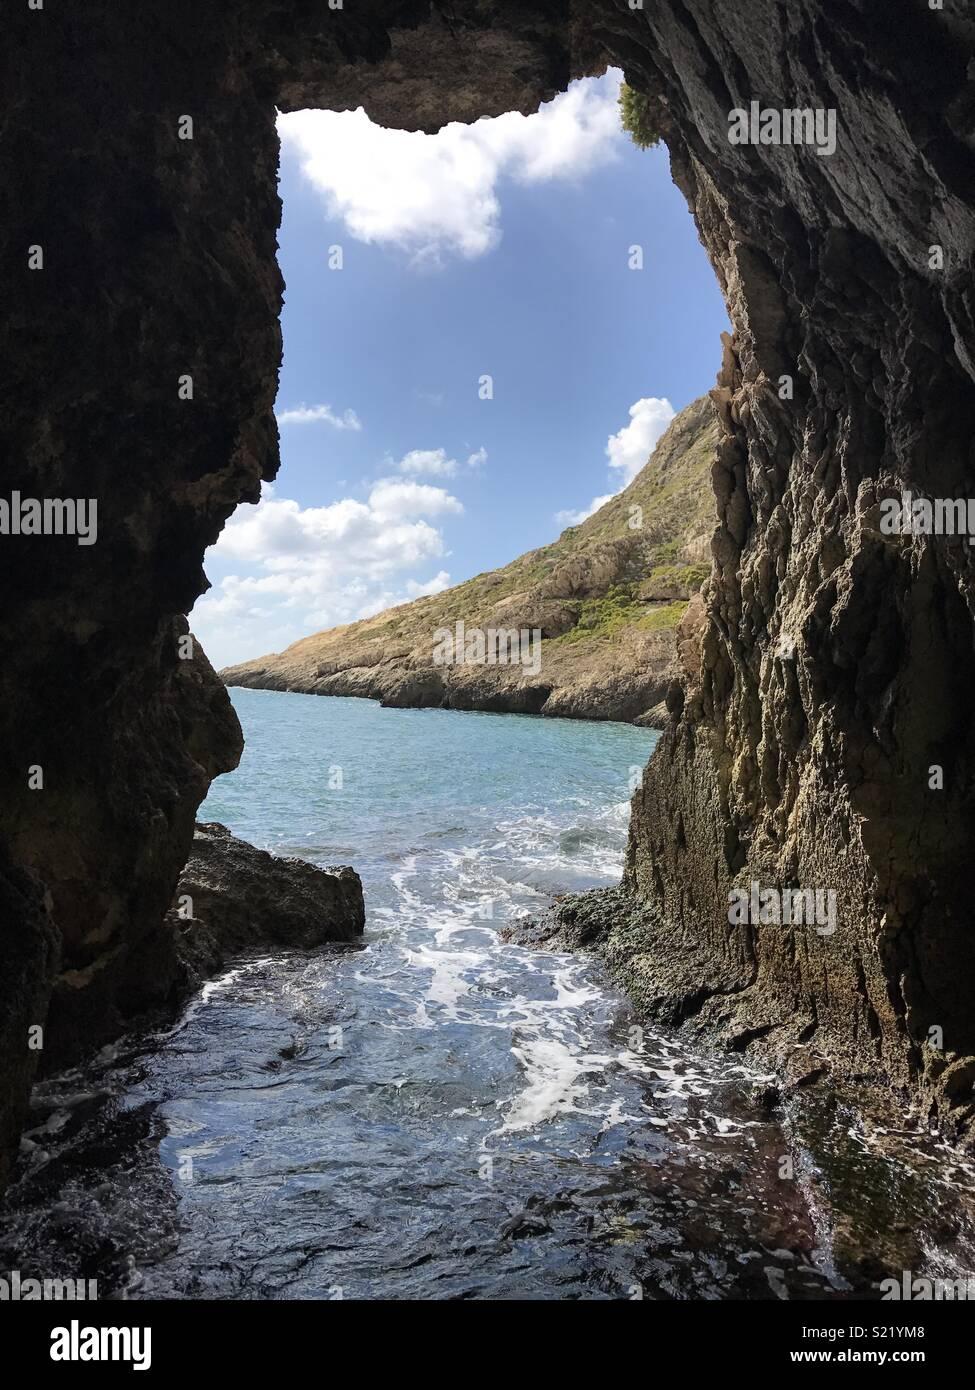 Malta, Gozo sea cave - Stock Image